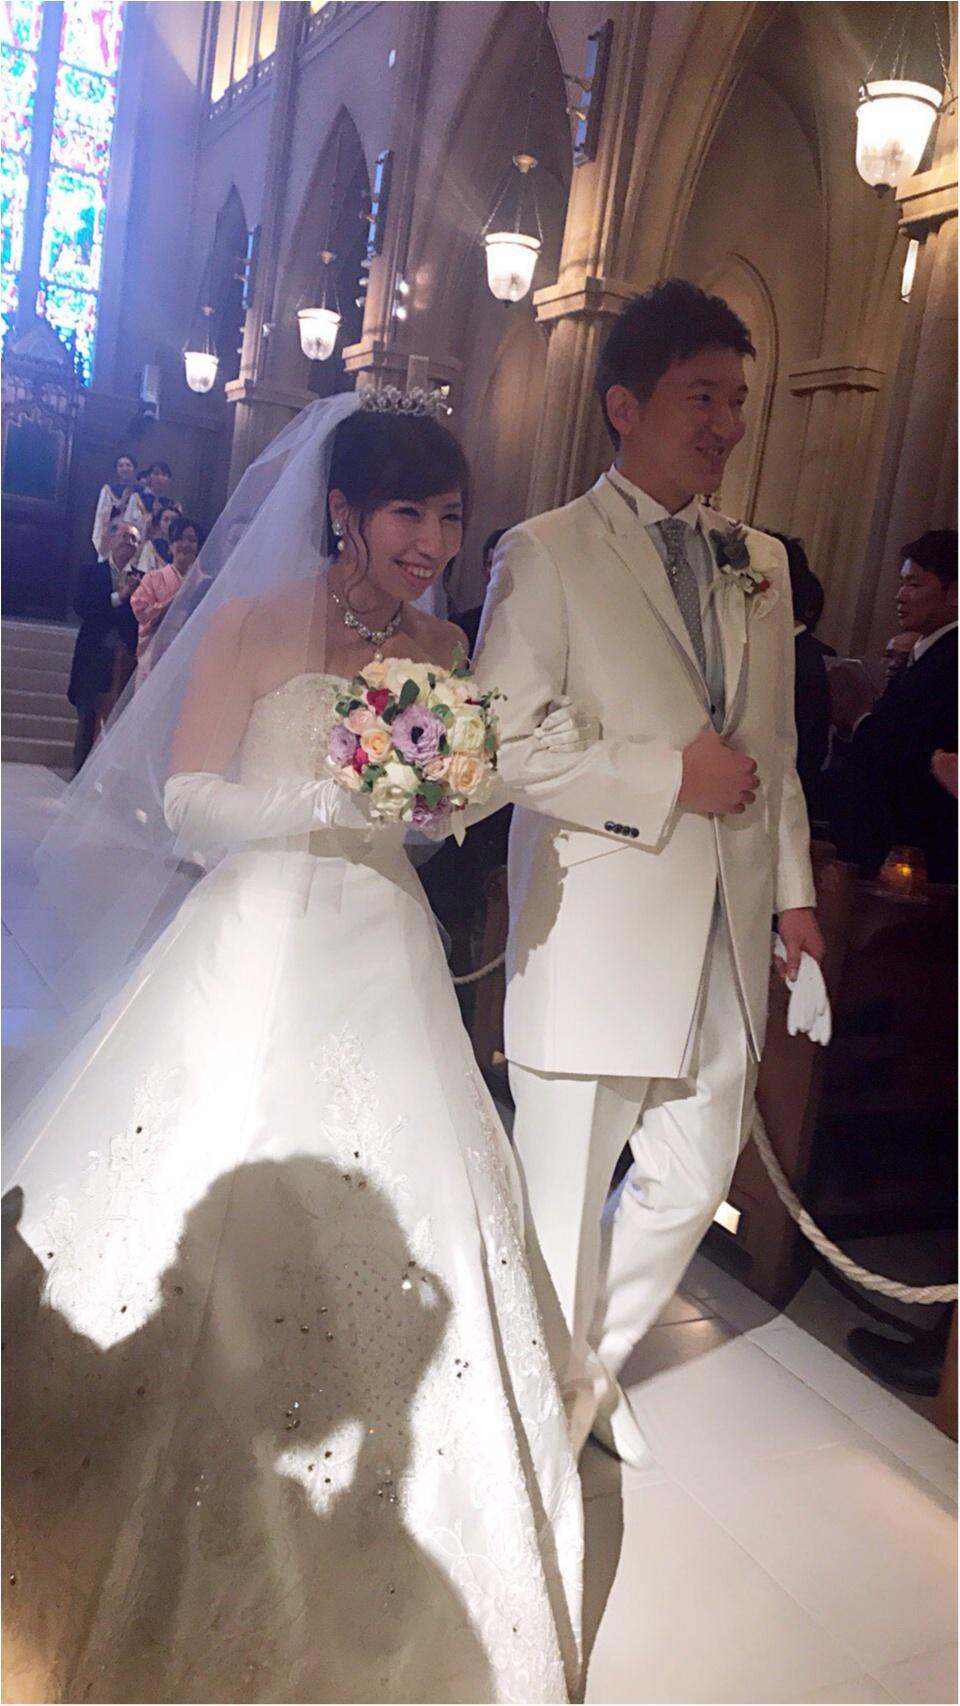 《Happy wedding》around25お呼ばれコーデは華やかにカラードレスにハーフアップで♡式に華を添えましょう!_2